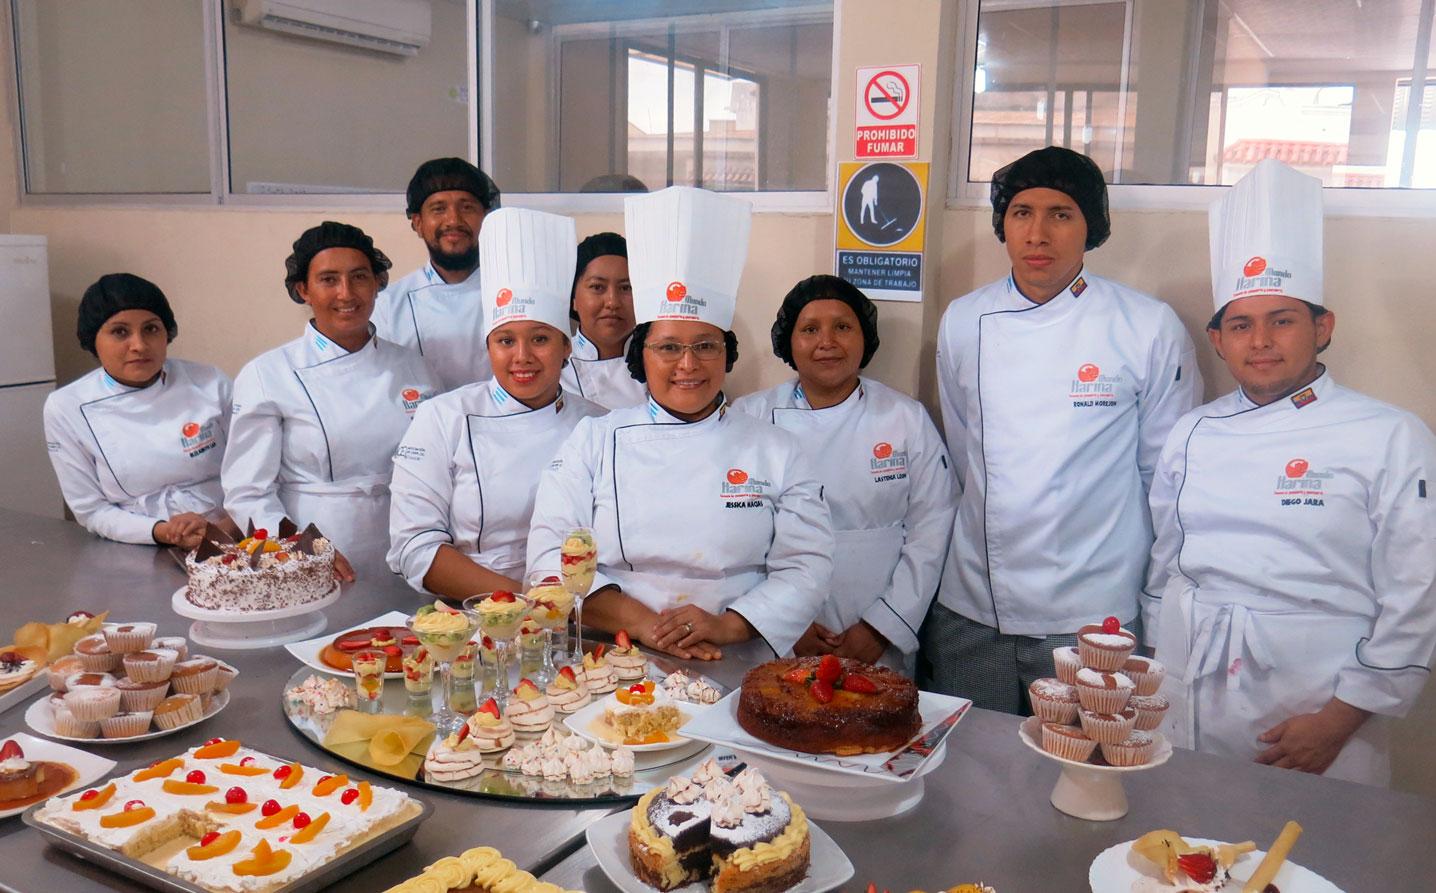 Escuela de Panadería y Pastelería | MUNDO HARINA